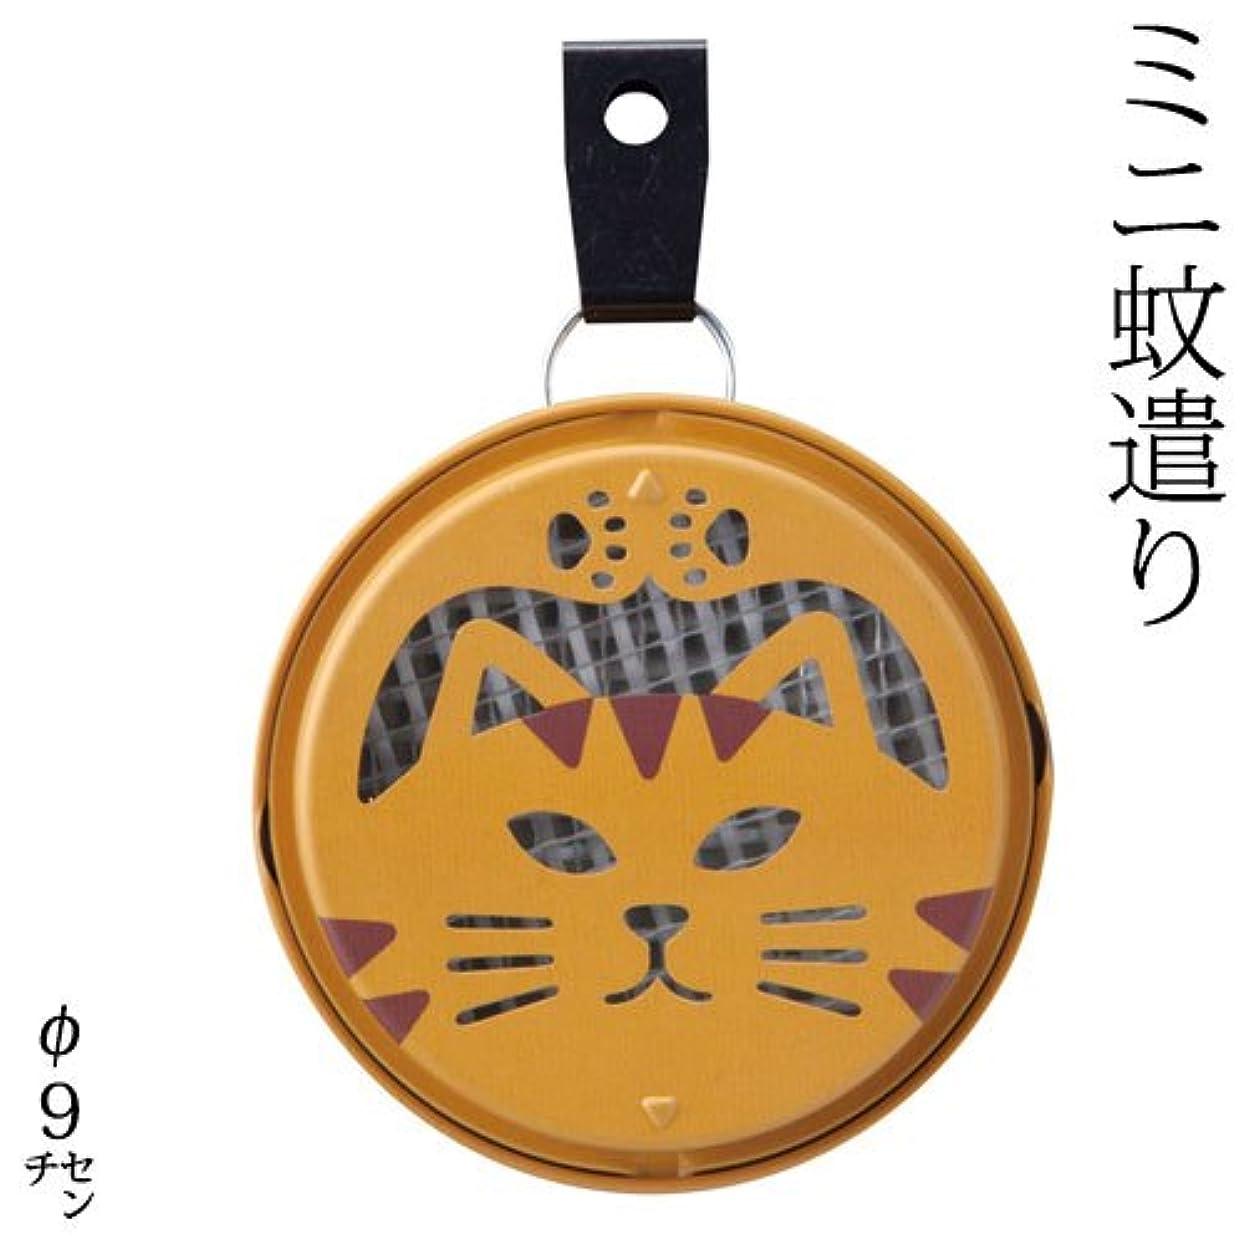 何故なの未満パンサーDECOLEポータブルミニ蚊遣りトラ猫 (SK-87513)吊り下げ?床置き対応Portable mini Kayari